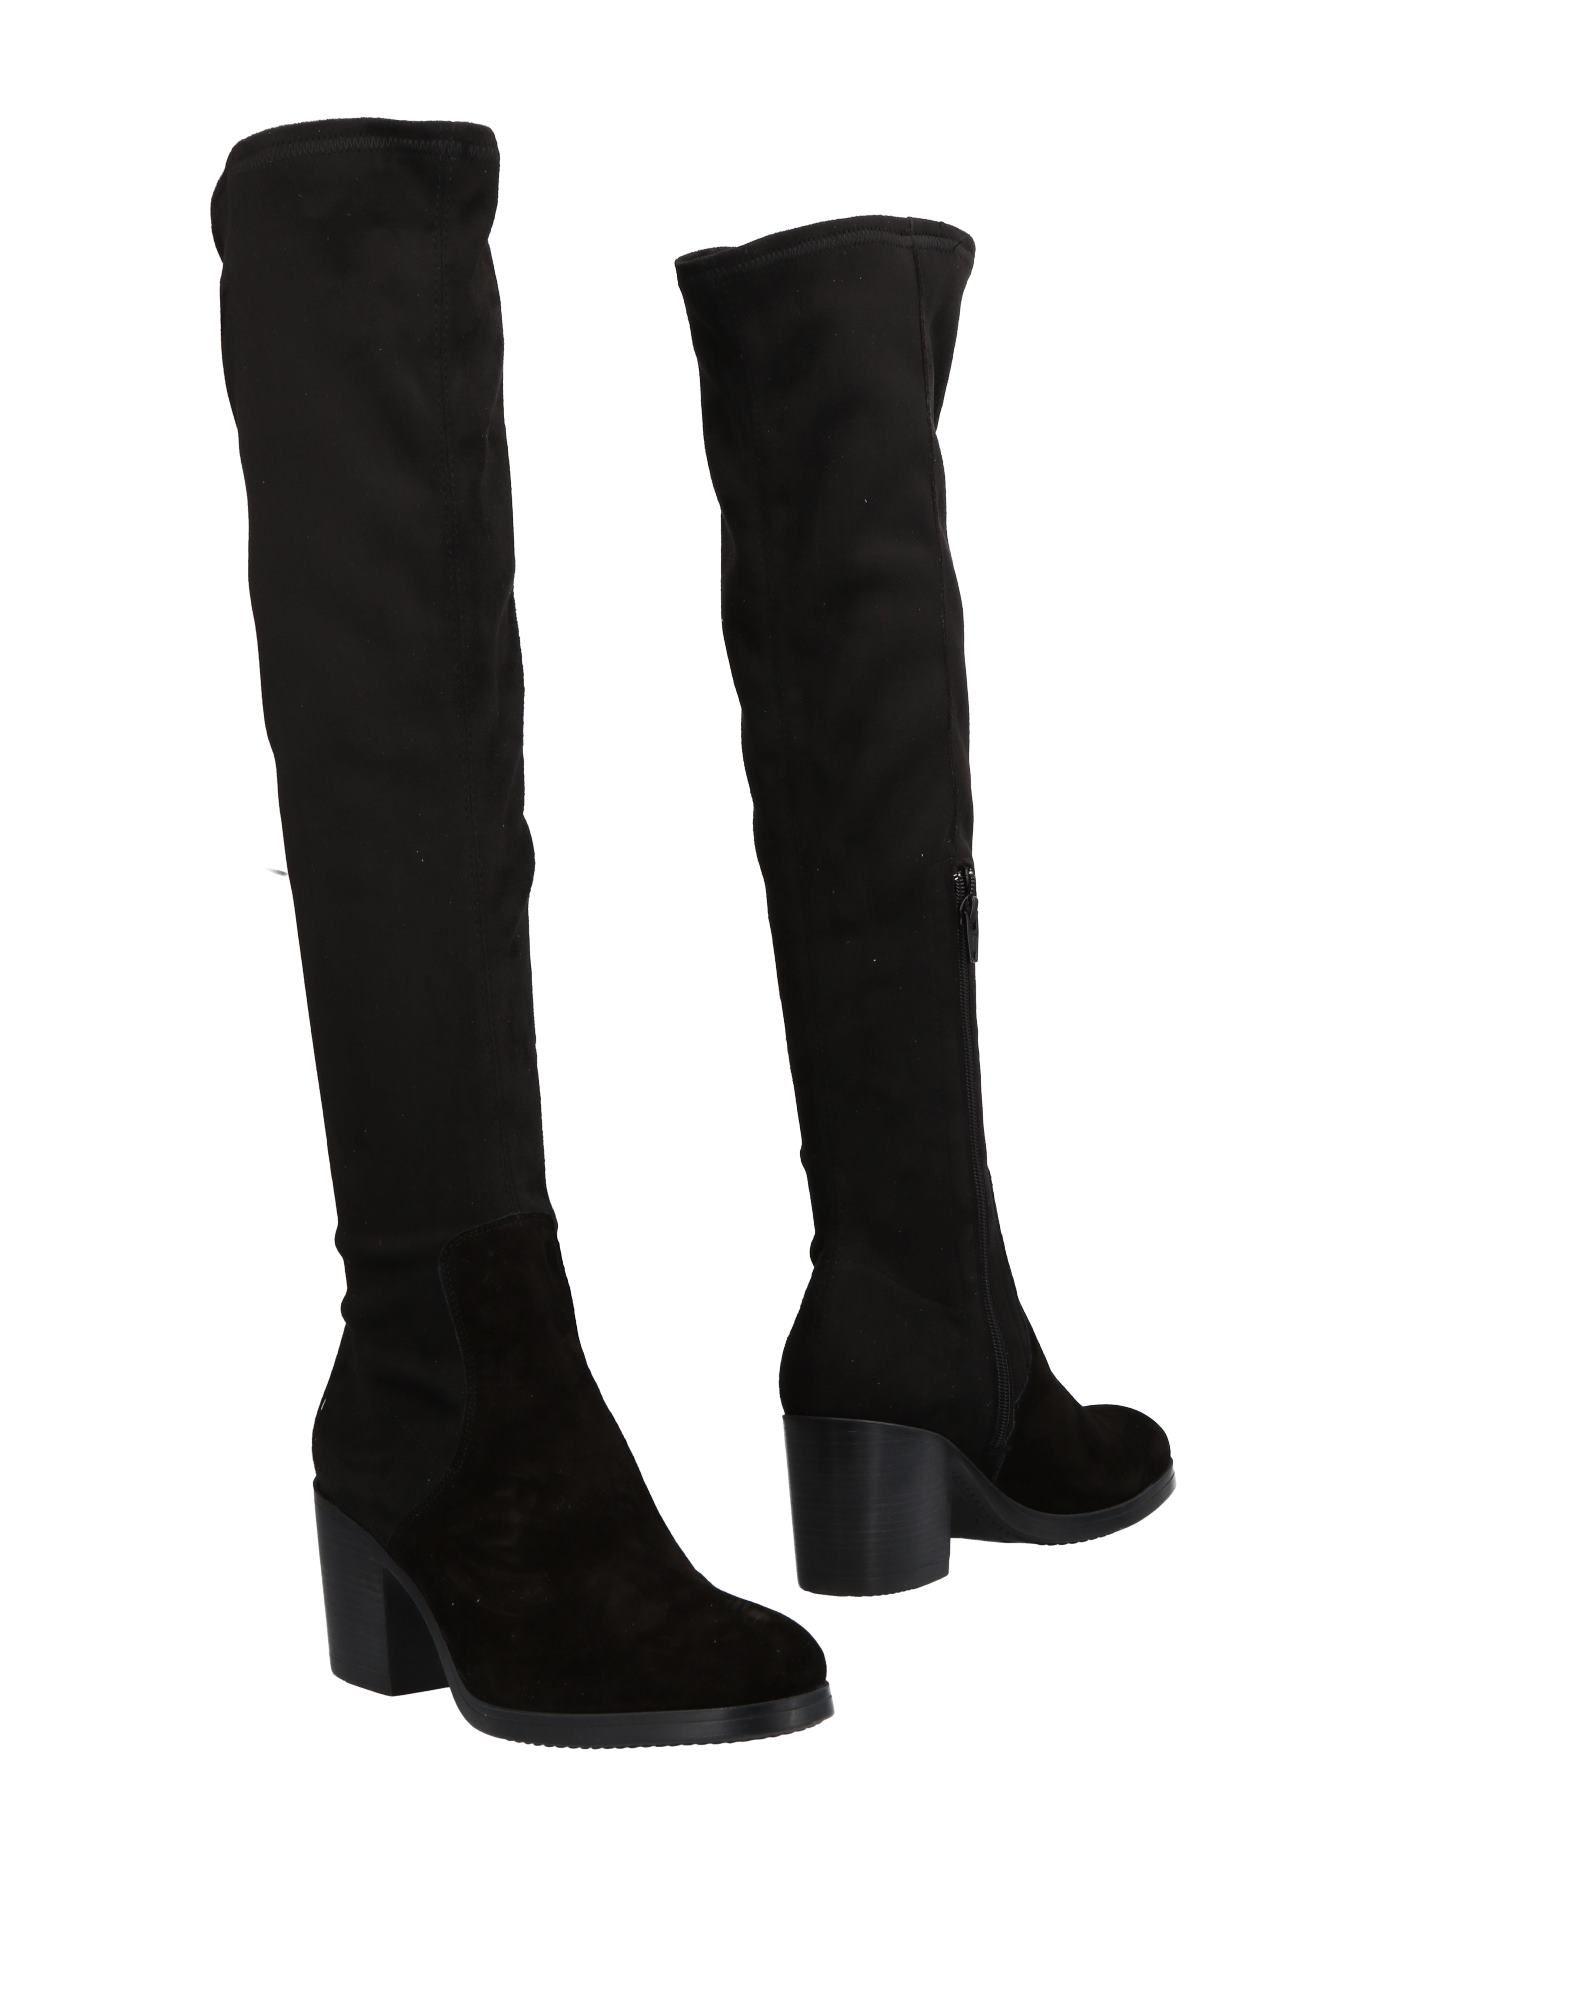 Formentini Stiefel Gute Damen  11498158LT Gute Stiefel Qualität beliebte Schuhe b5d427